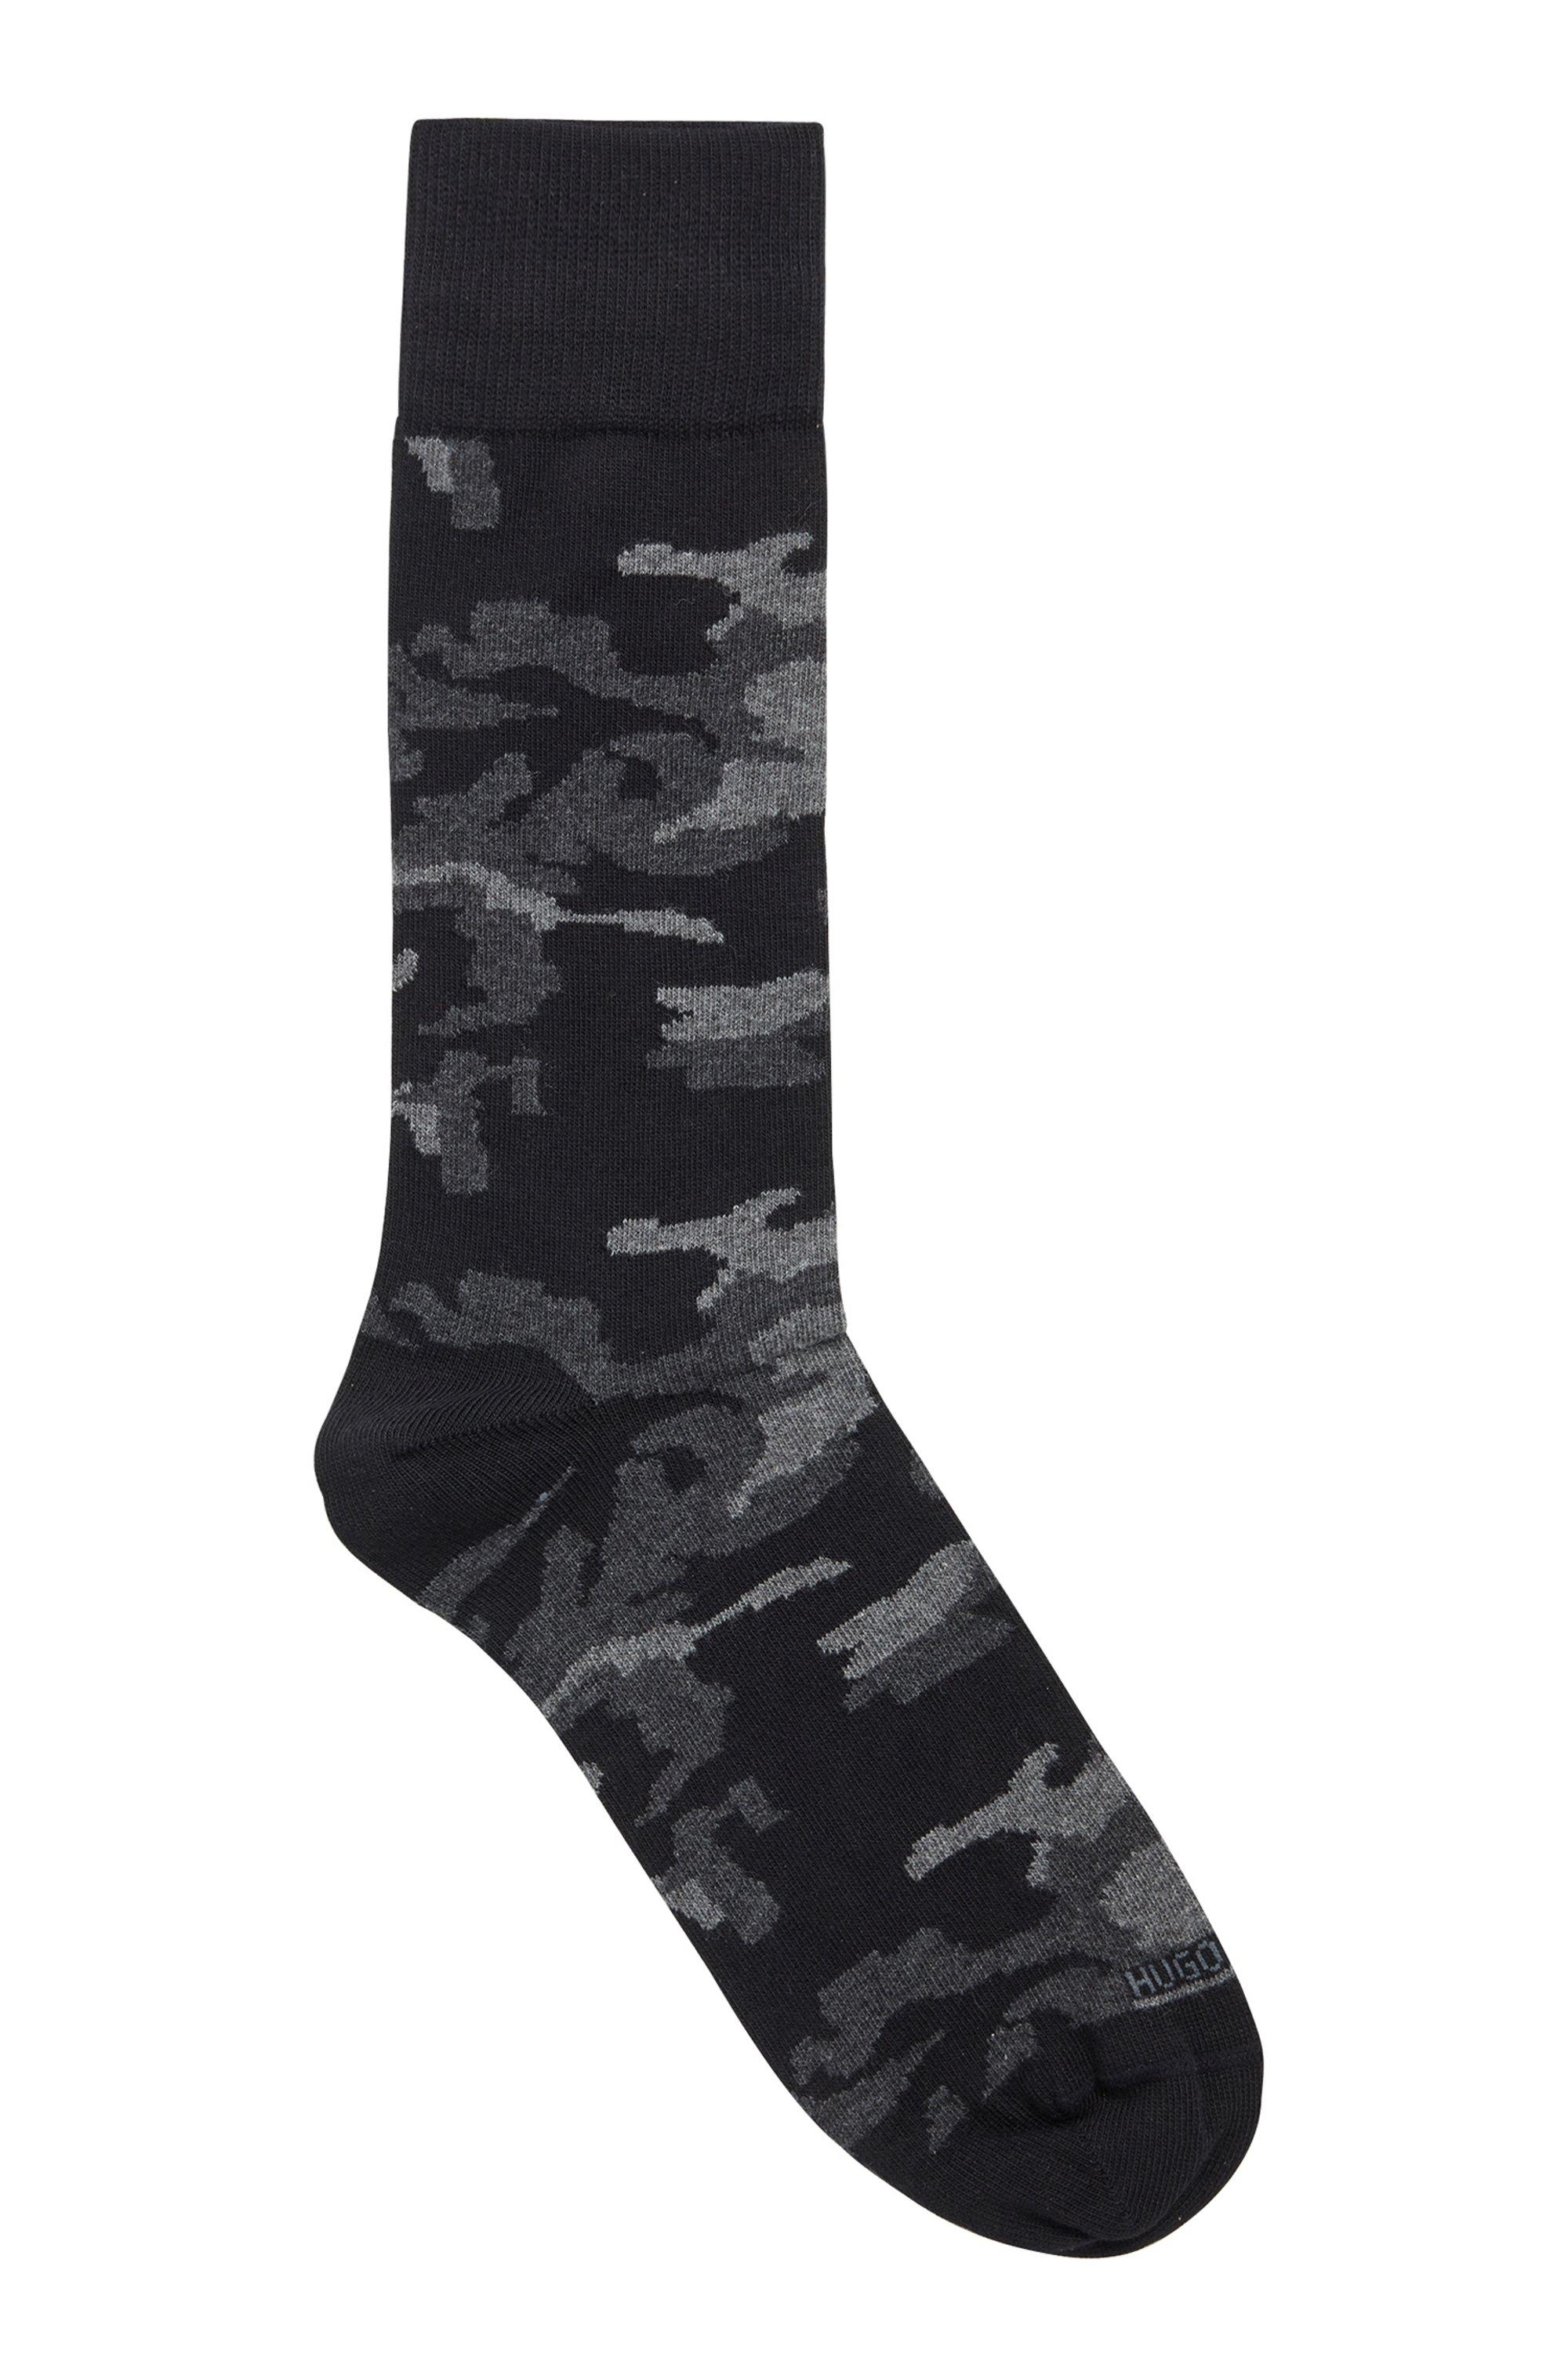 Chaussettes mi-mollet en coton stretch mélangé à motif camouflage, Noir